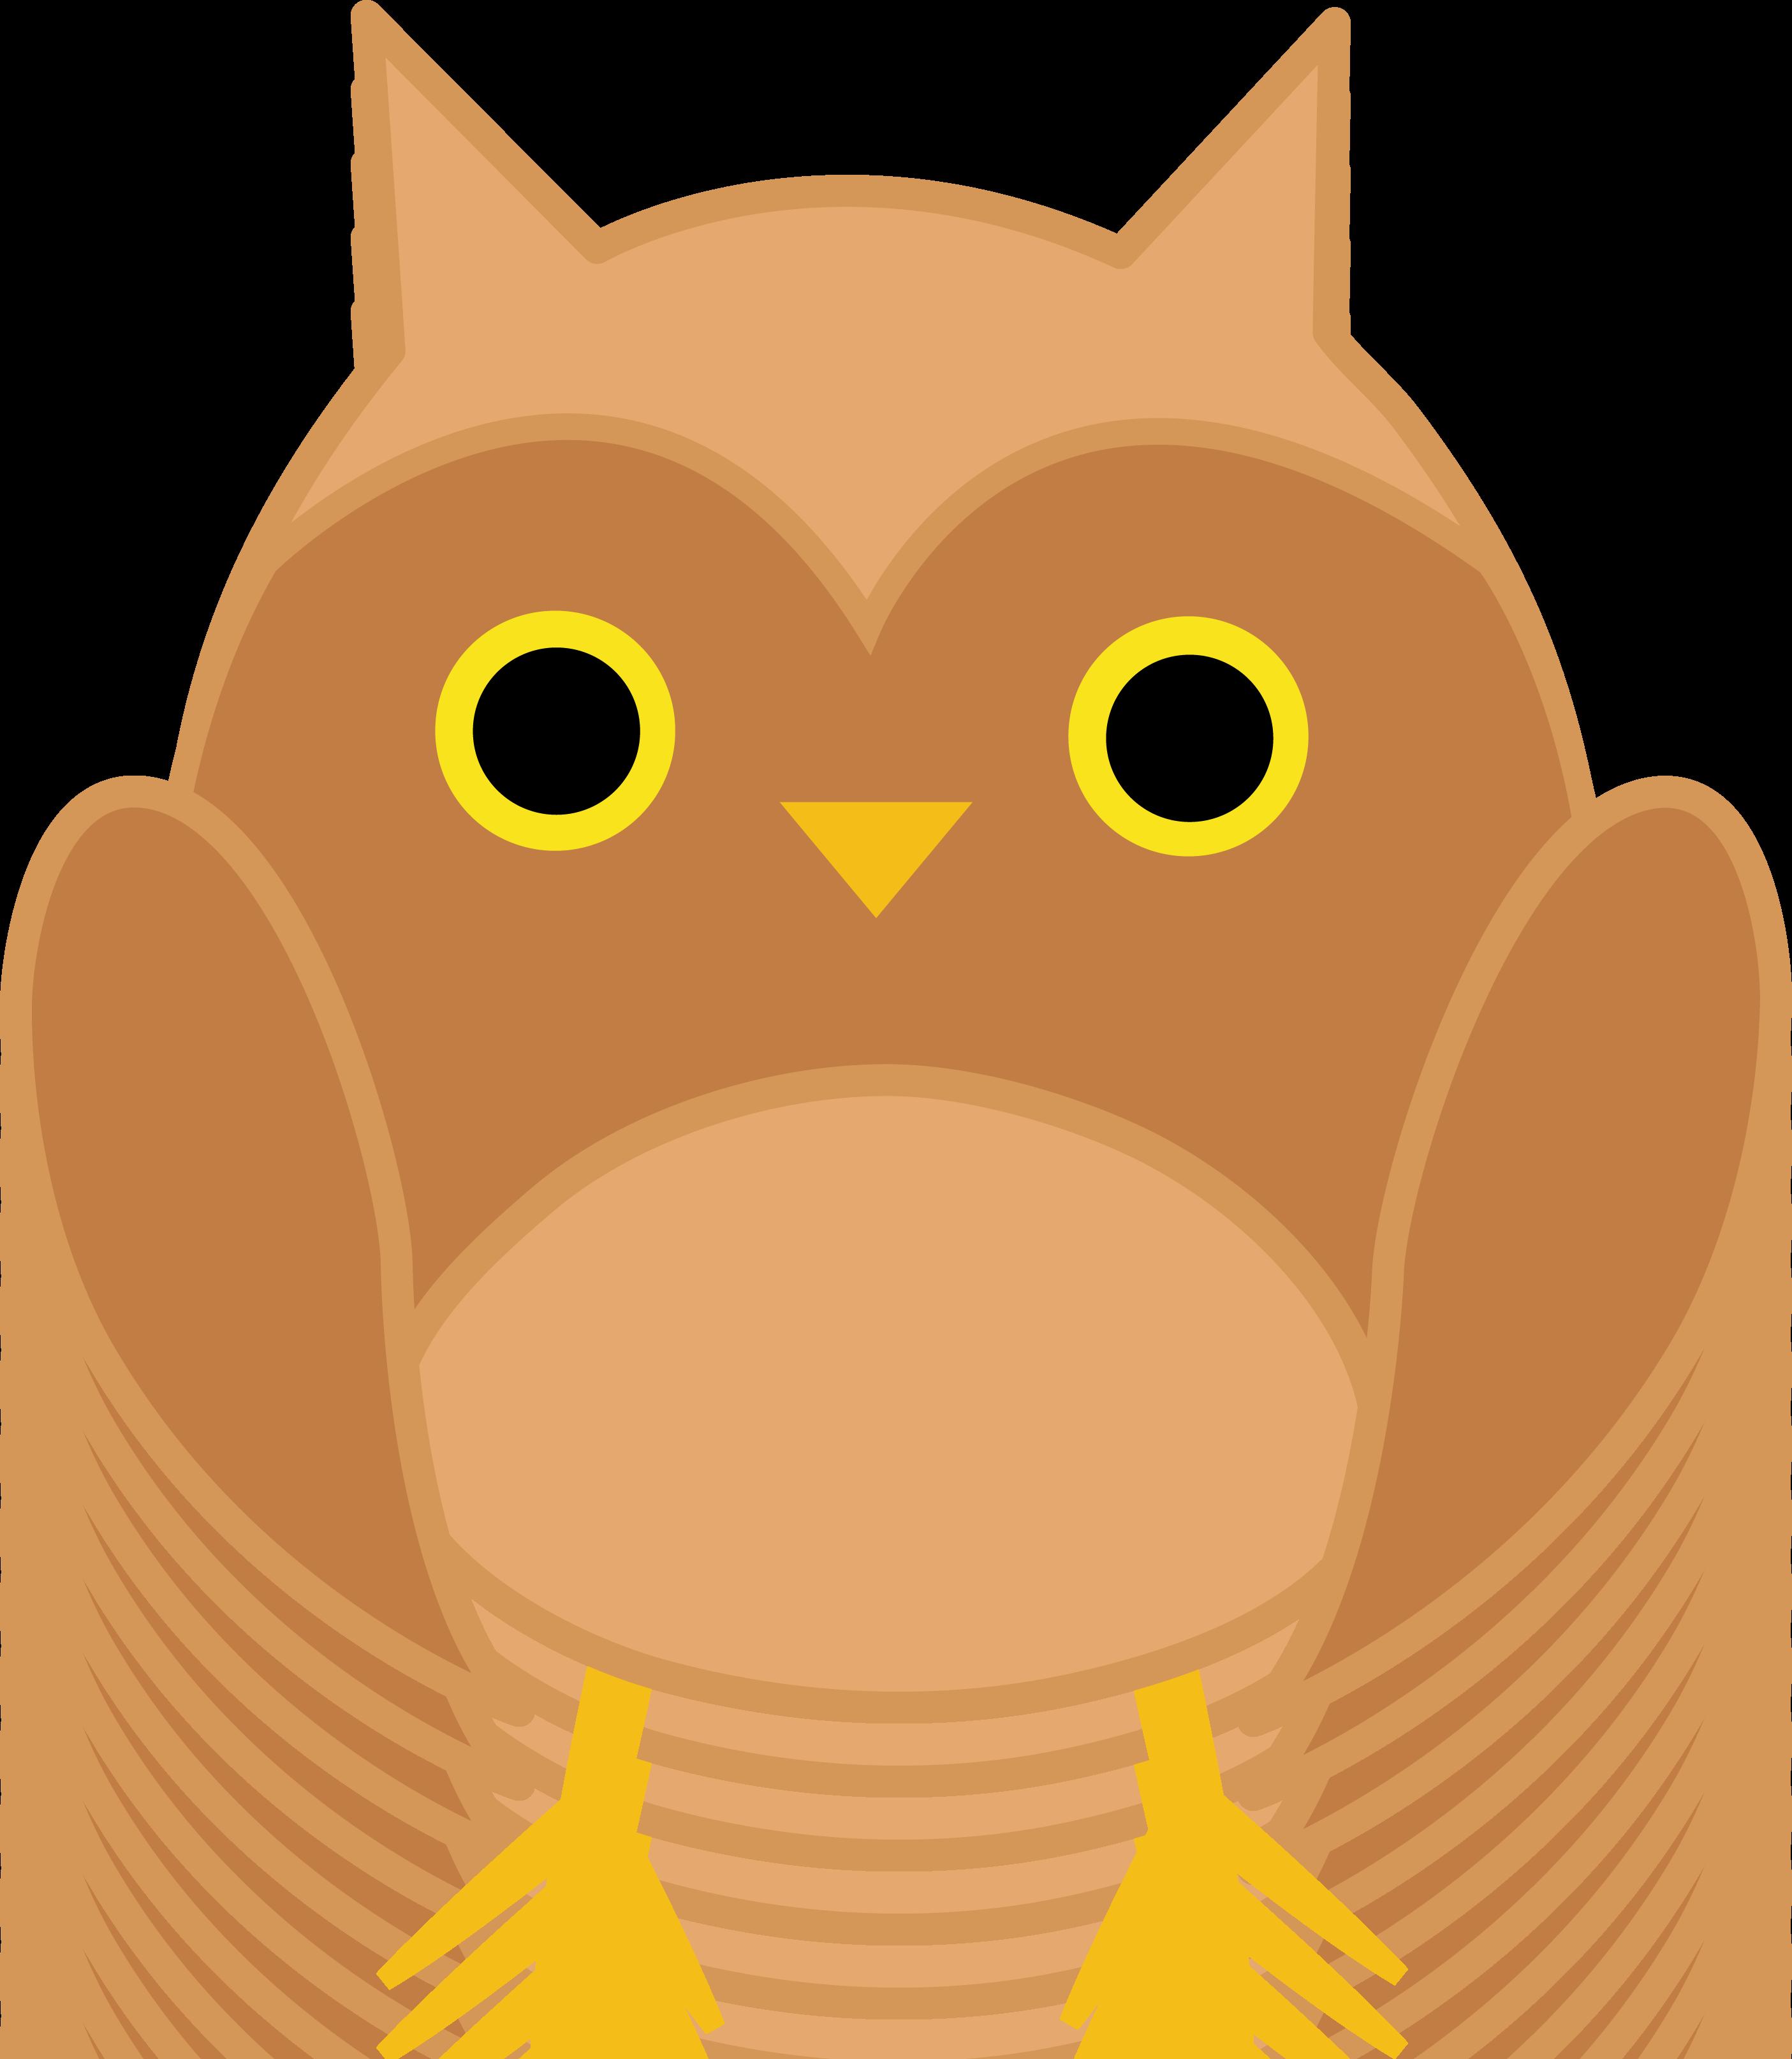 2810x3228 Cute Brown Owl